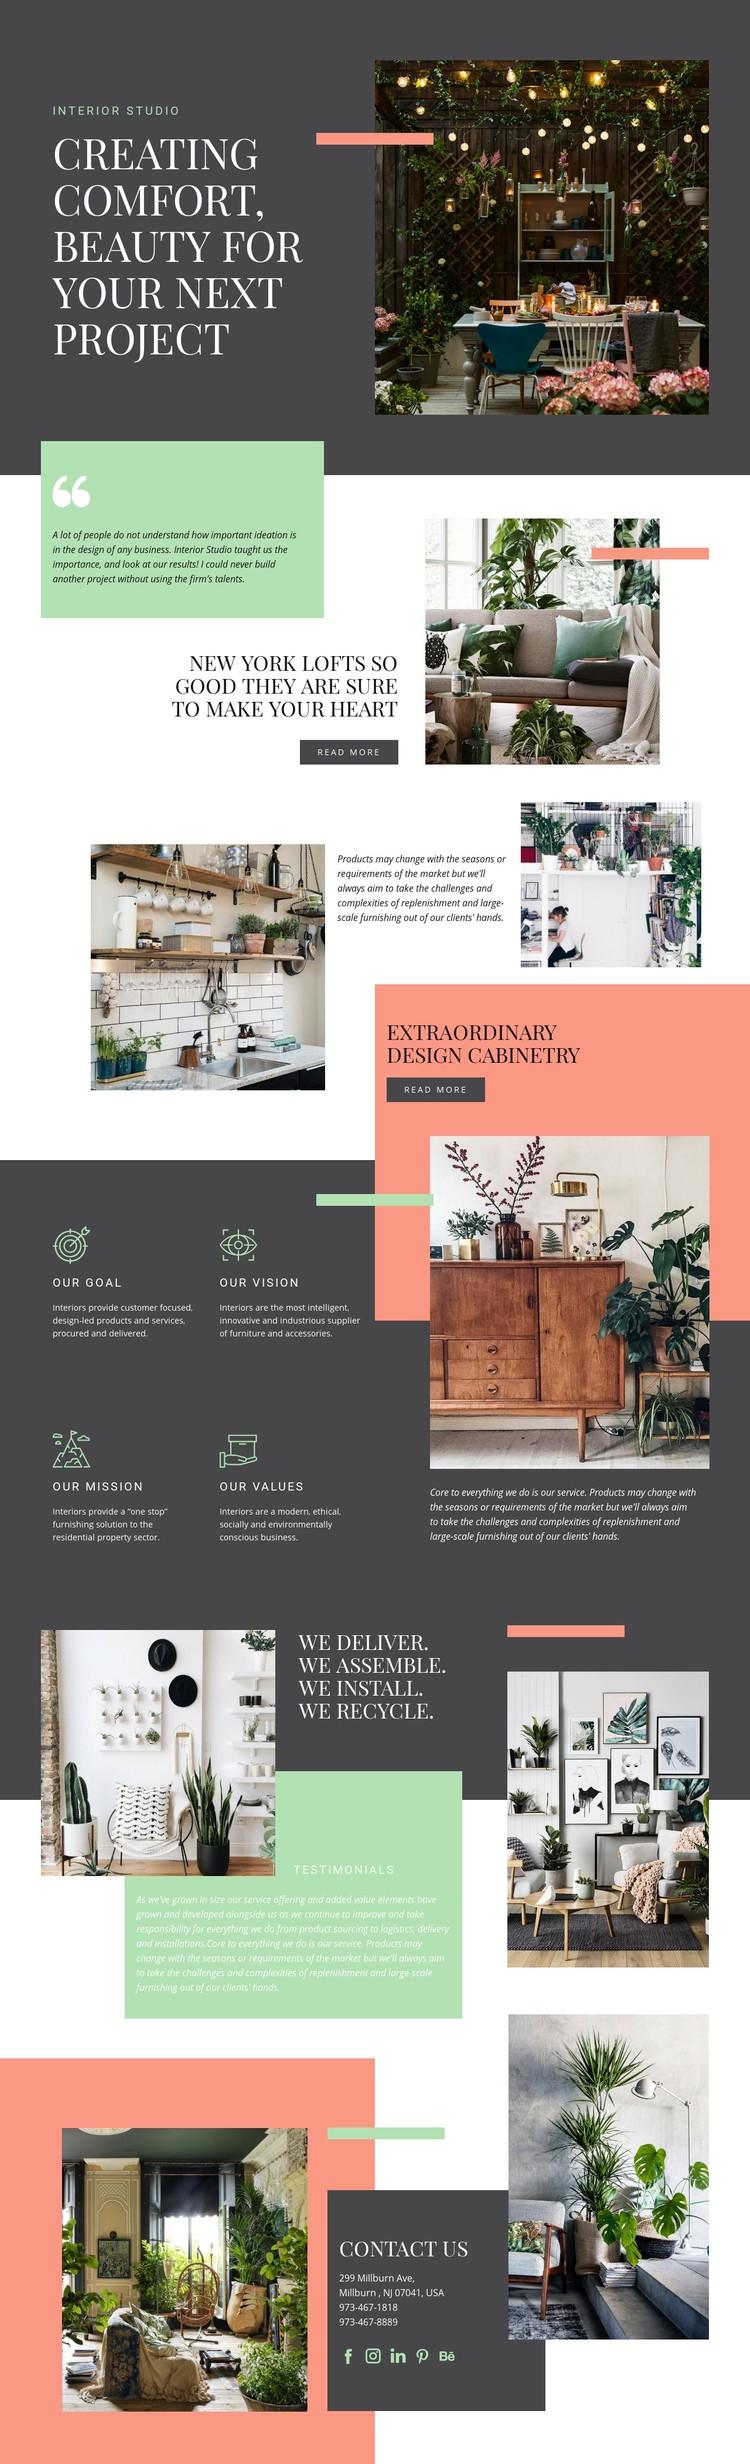 Comfort in your home Website Creator